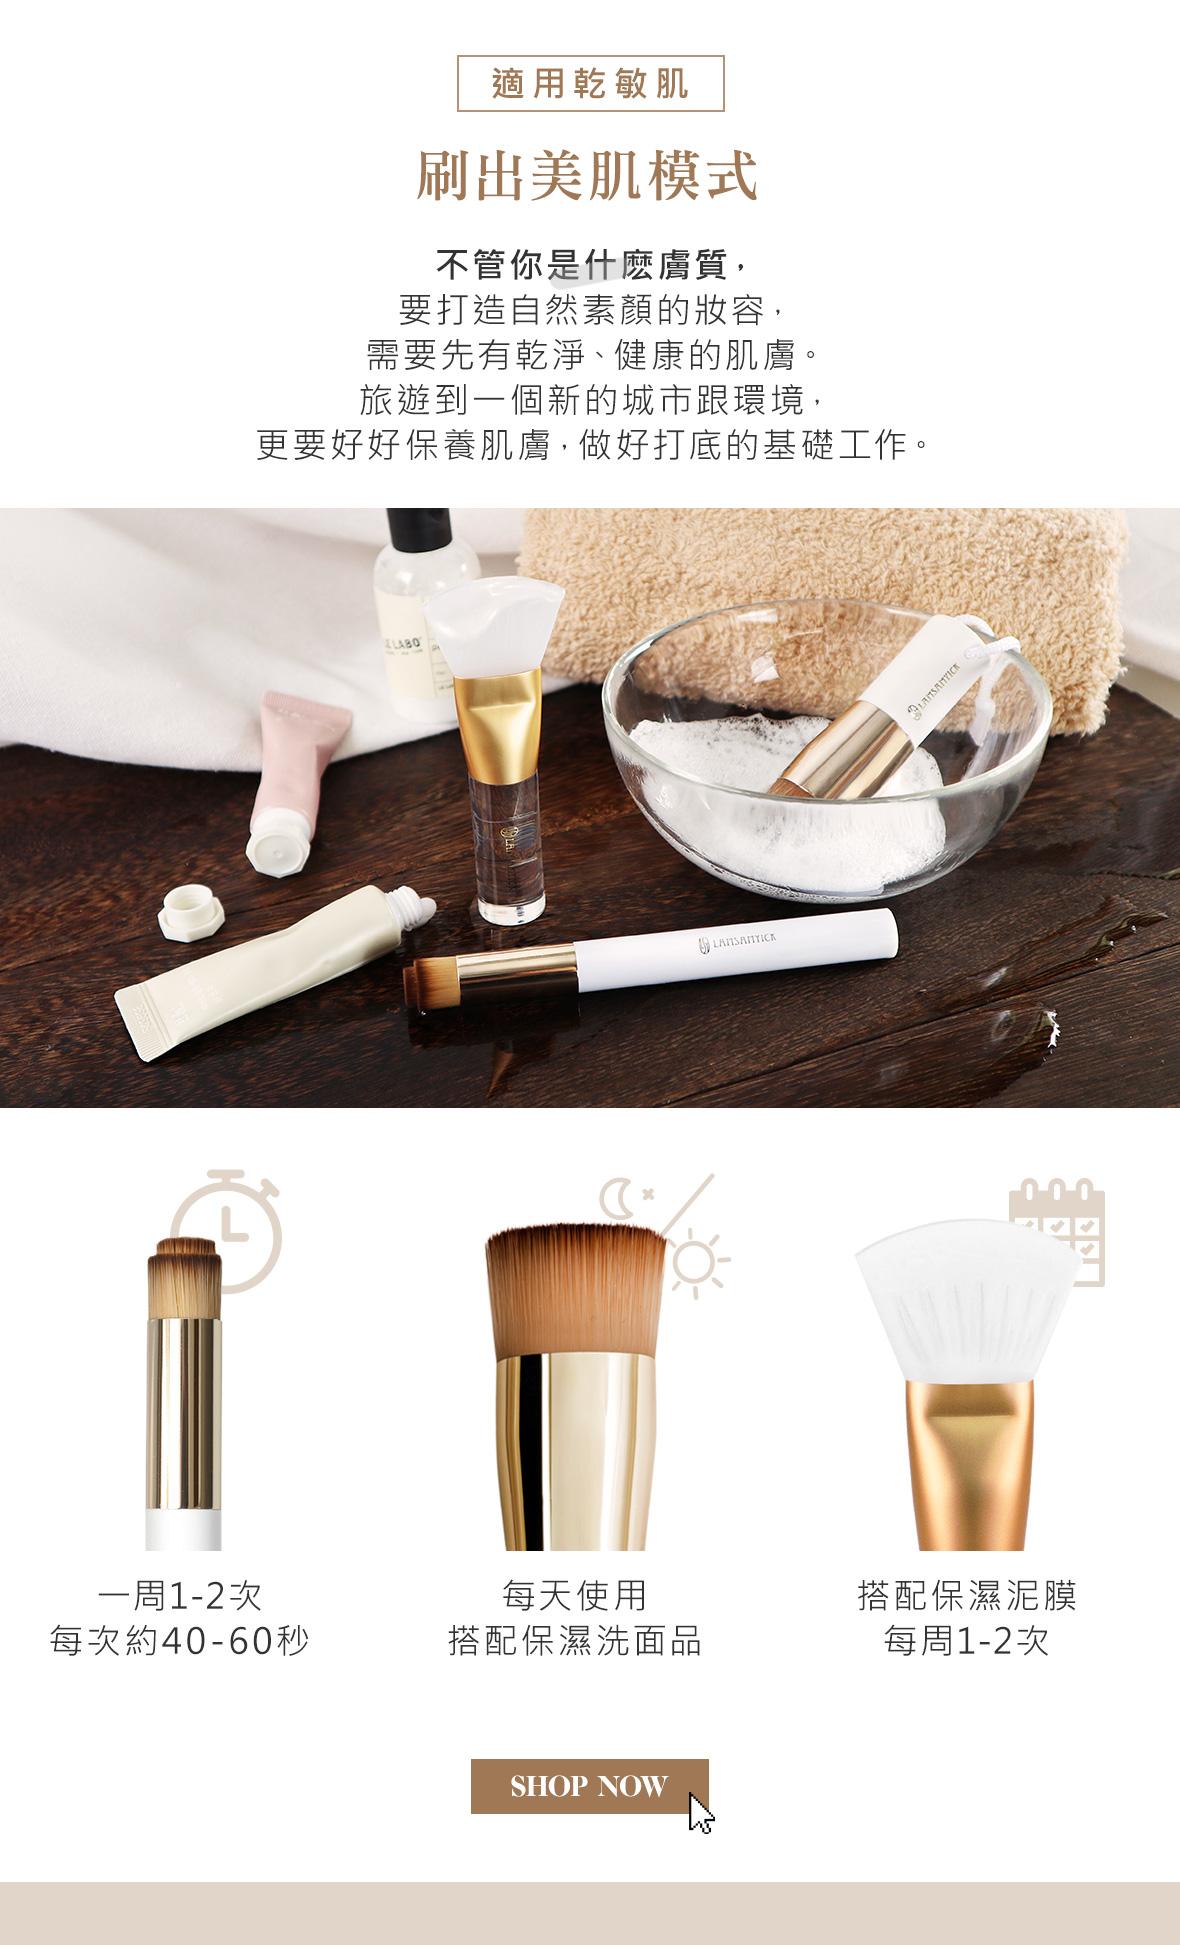 (0920柳燕04)洗臉刷、面膜刷,過夜素顏也不怕